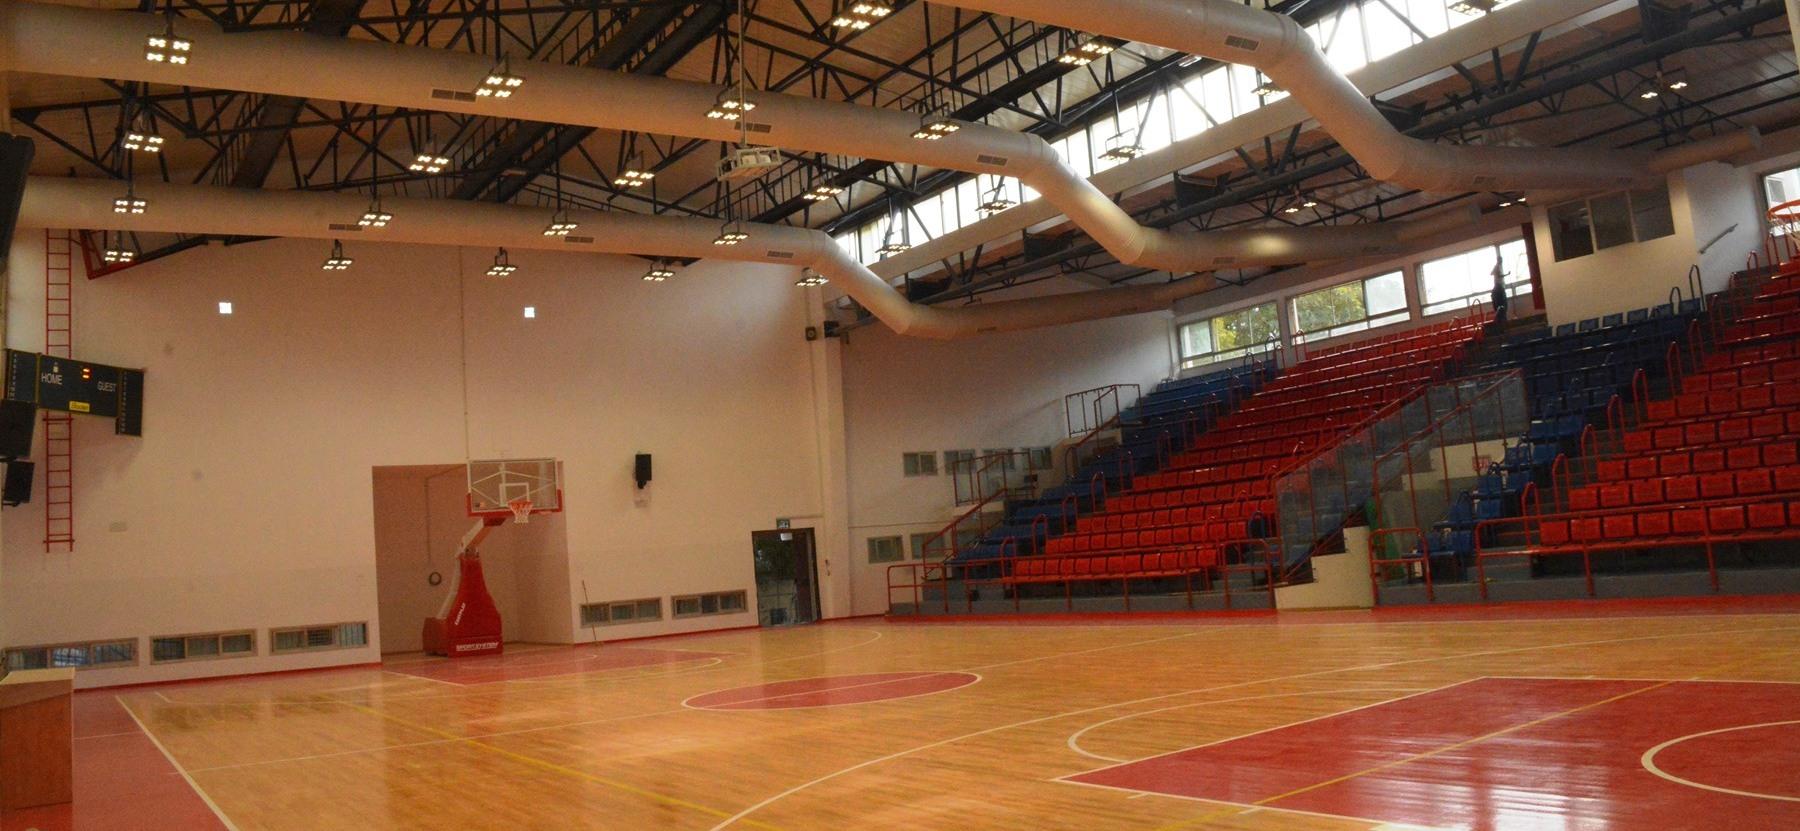 אולם ספורט בגבעתיים